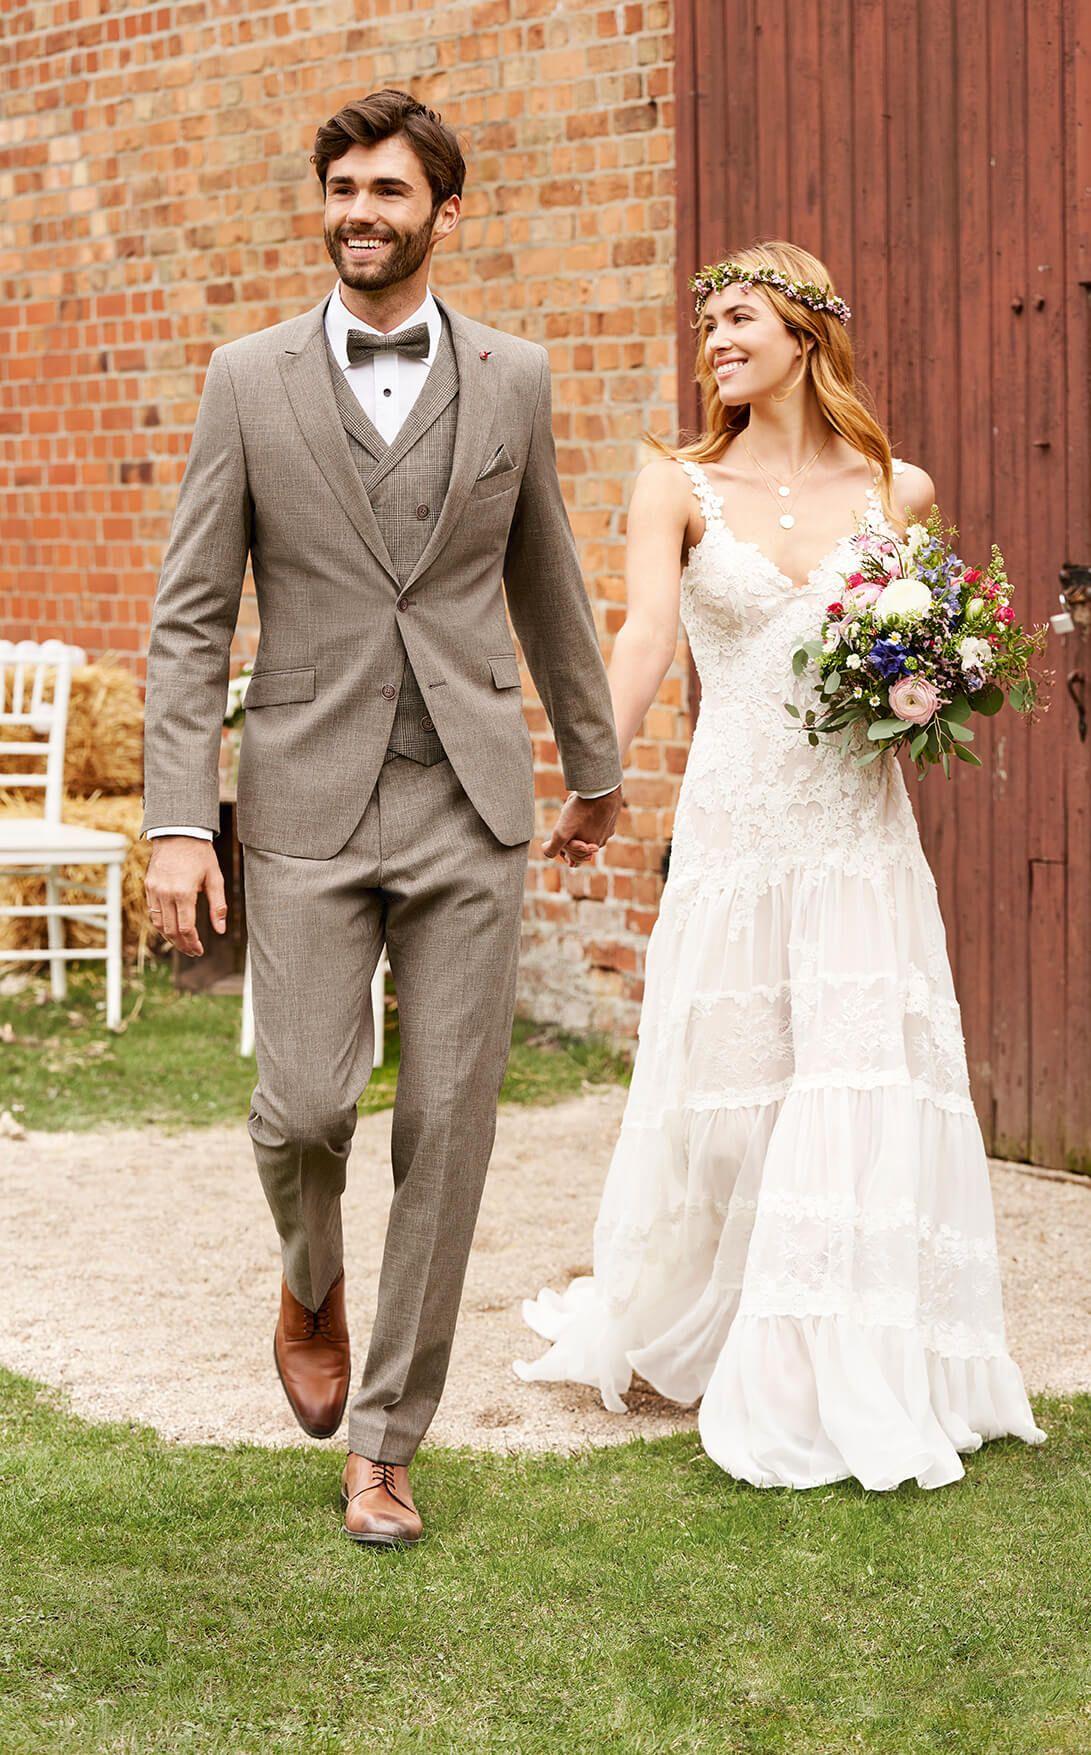 Herrenmode Torino 05 Avinia Anzug Hochzeit Vintage Hochzeitsanzuge Kleid Standesamt Braut